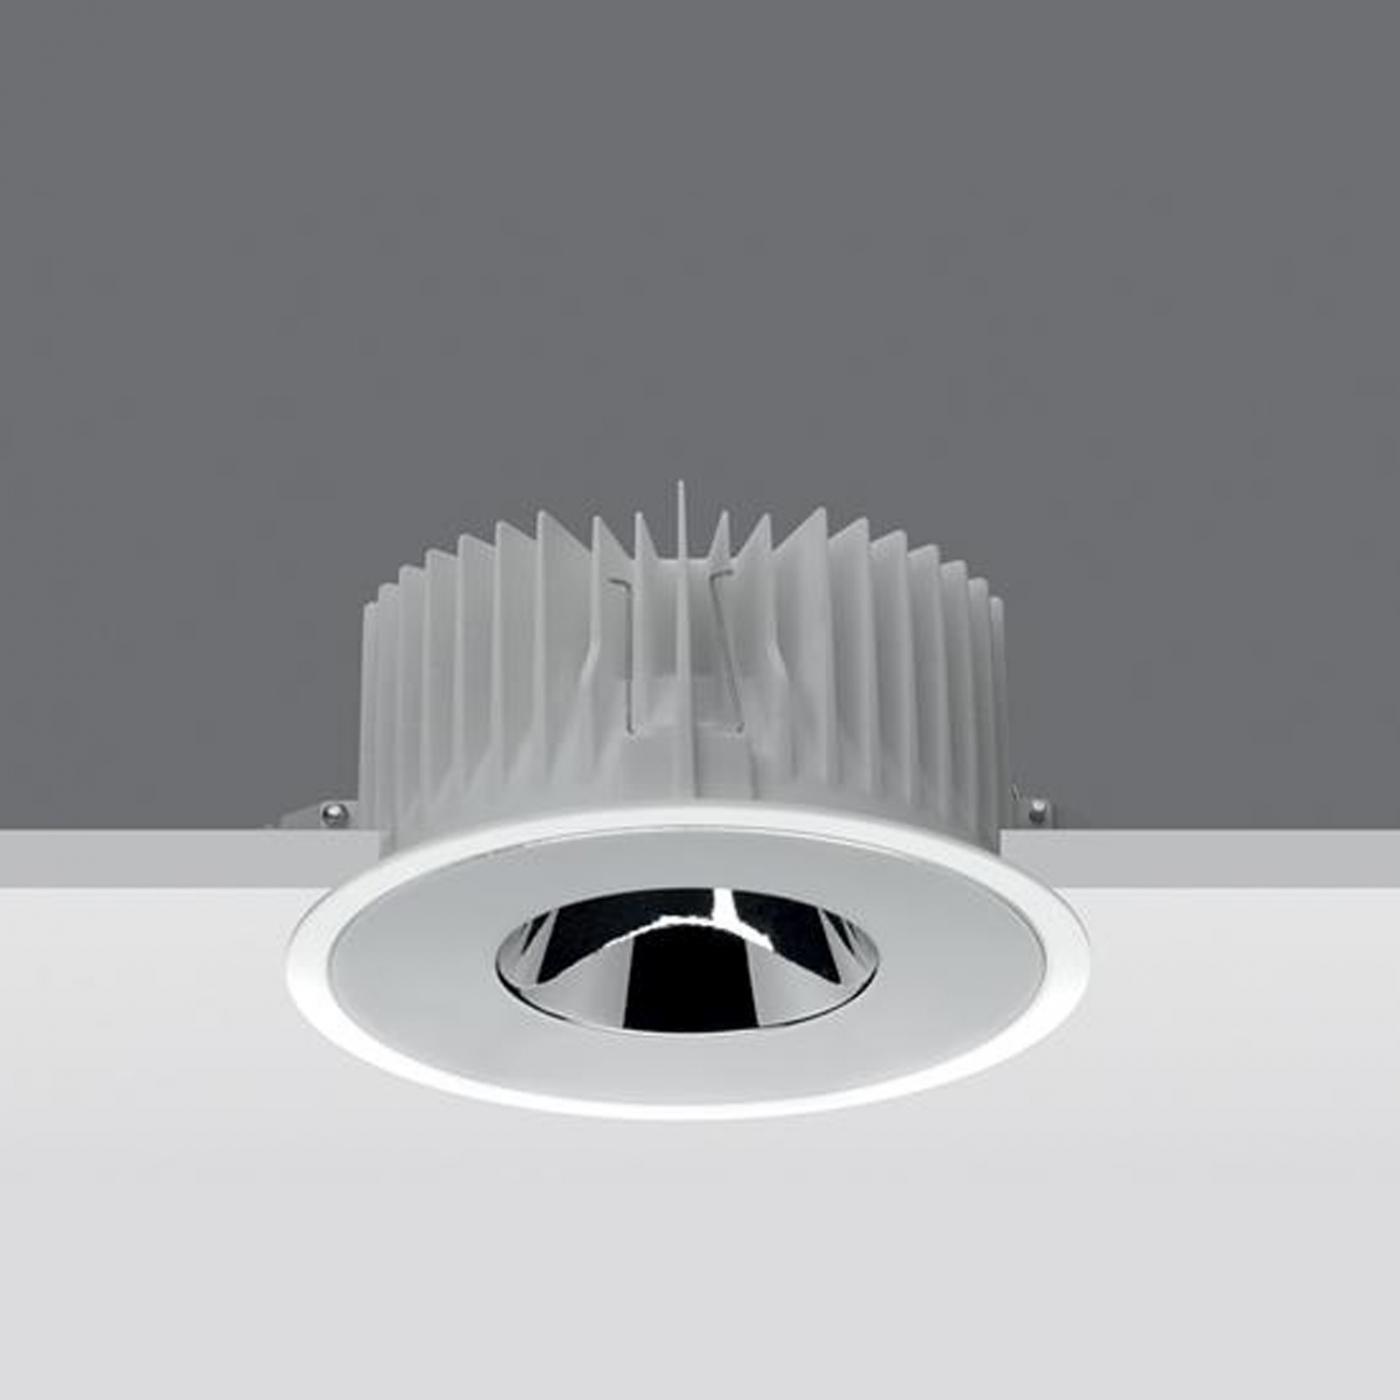 reflex easy incasso | i guzzini illuminazione s.p.a. | faretti da ... - Faretti Da Incasso Ingresso